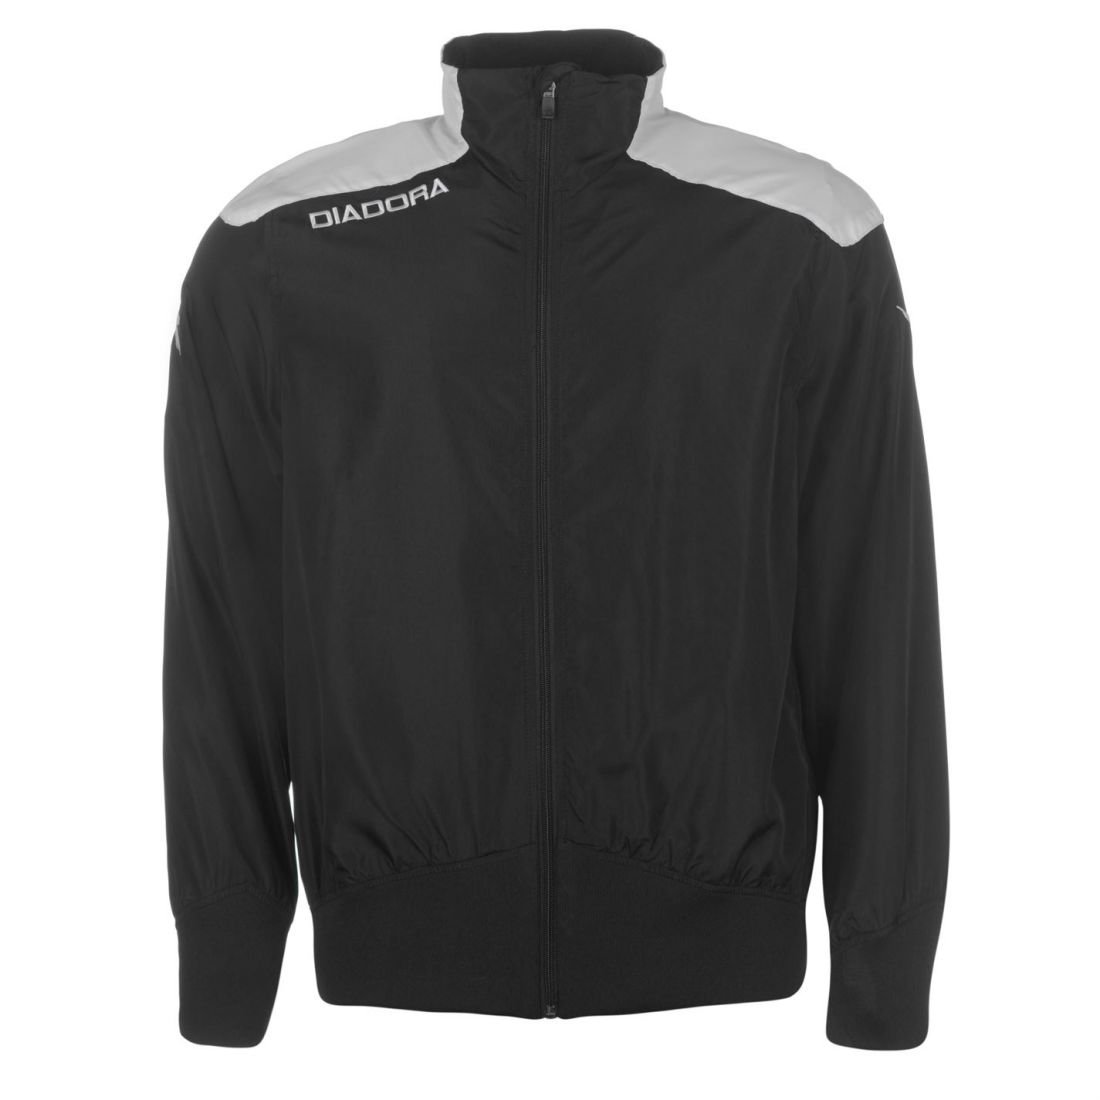 e22e4e3e45 Details about Diadora Mens Minnesote Jacket Baseball Coat Top Long Sleeve  Zip Full Mesh Sports